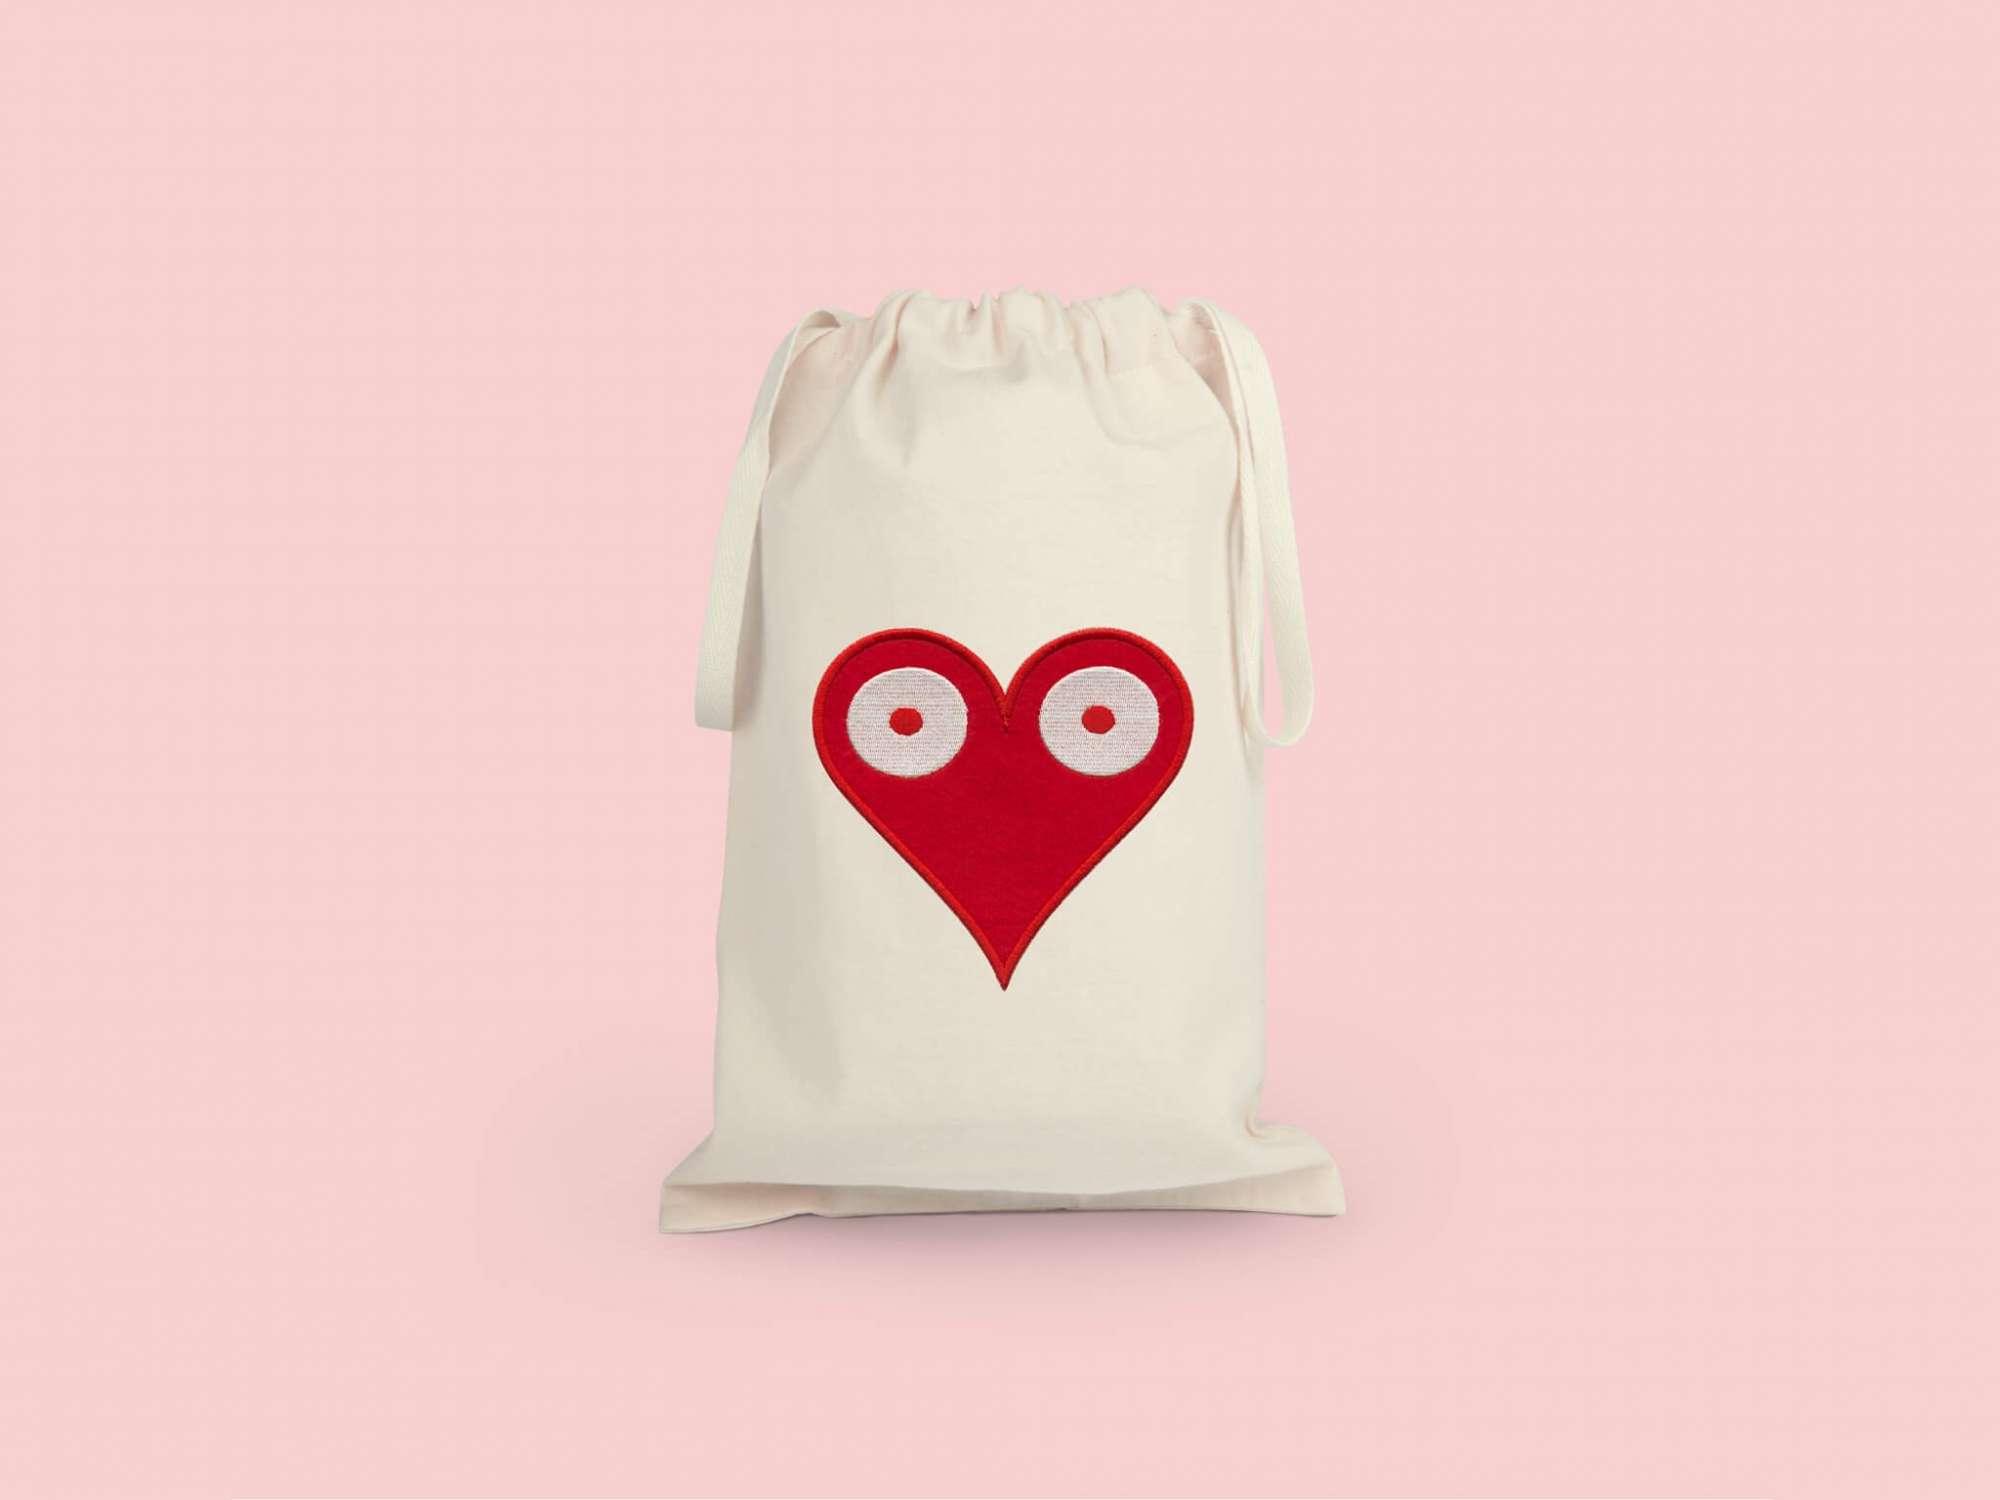 la petite pochette de voyage Love, elle reprend le motif coeur pokerface phares du studio Ich&Kar.